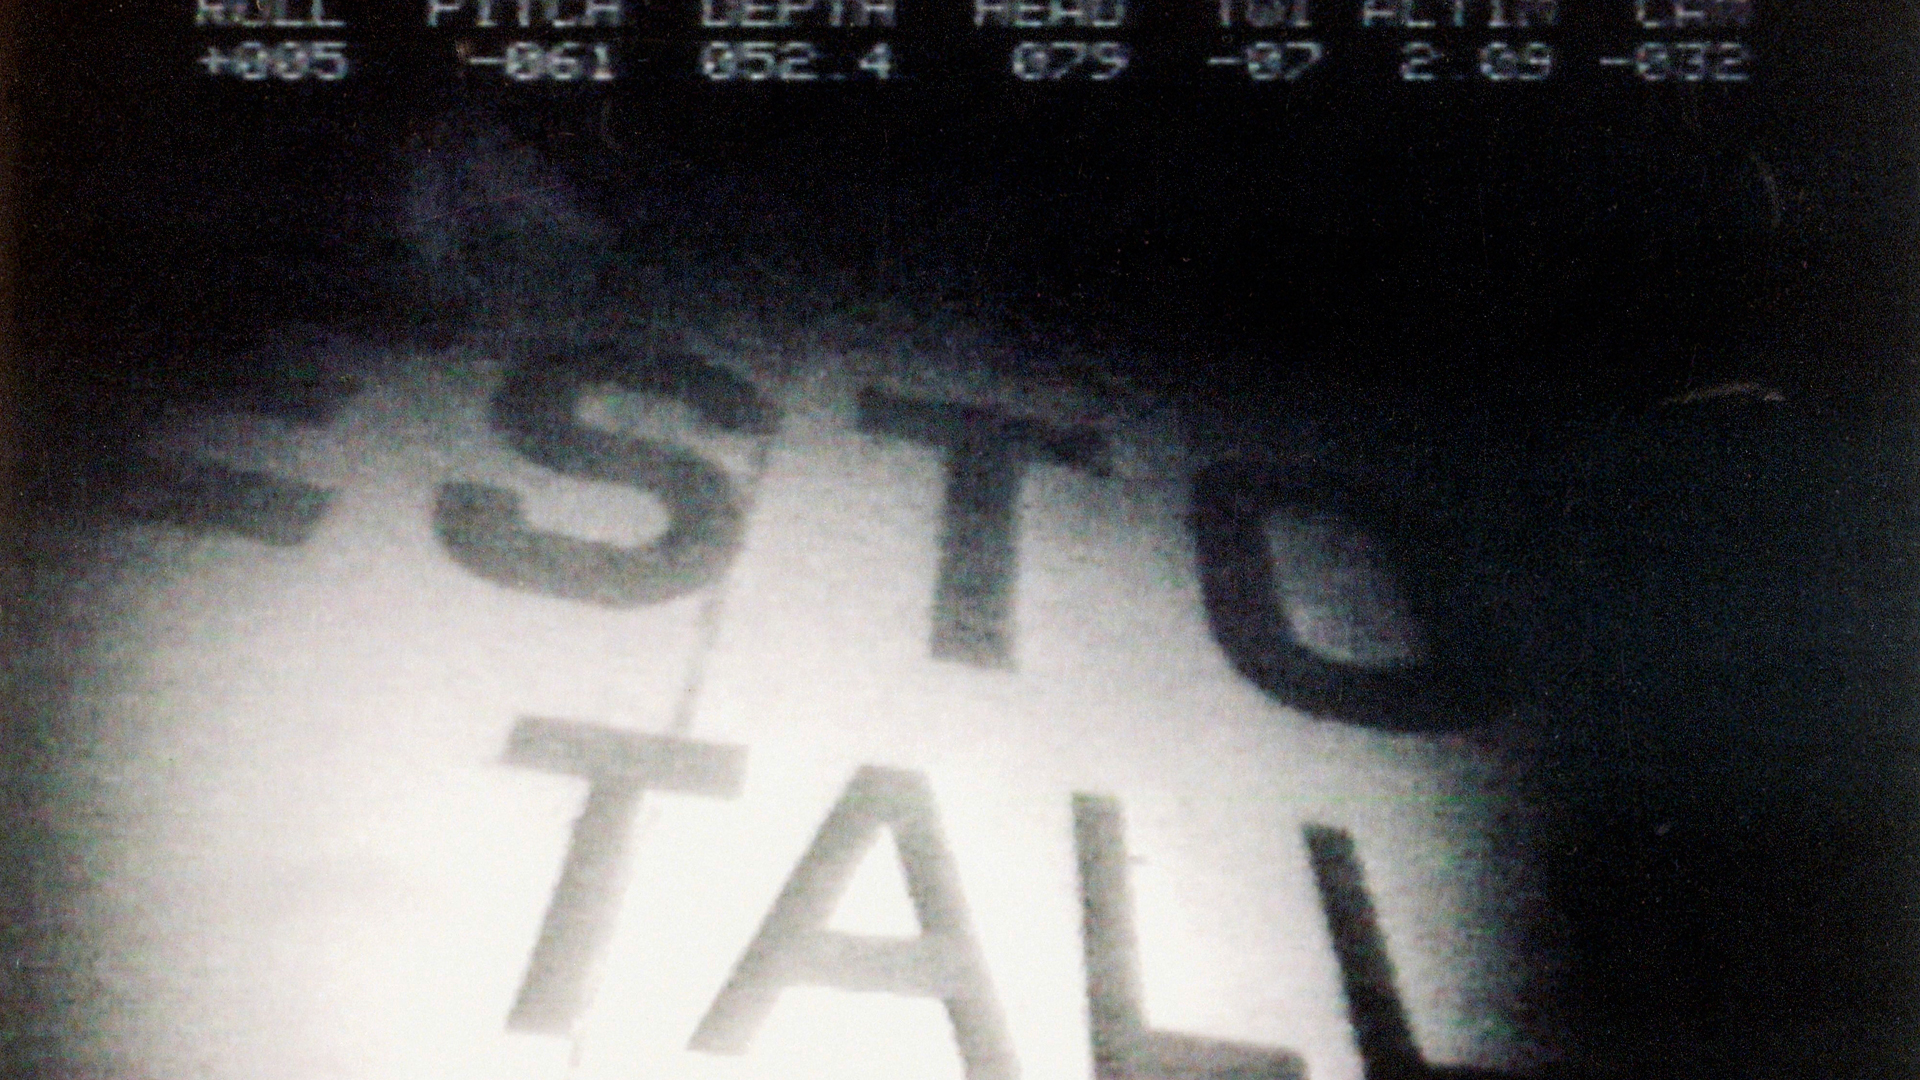 Estoniaa on videokuvattu myös pohjassa